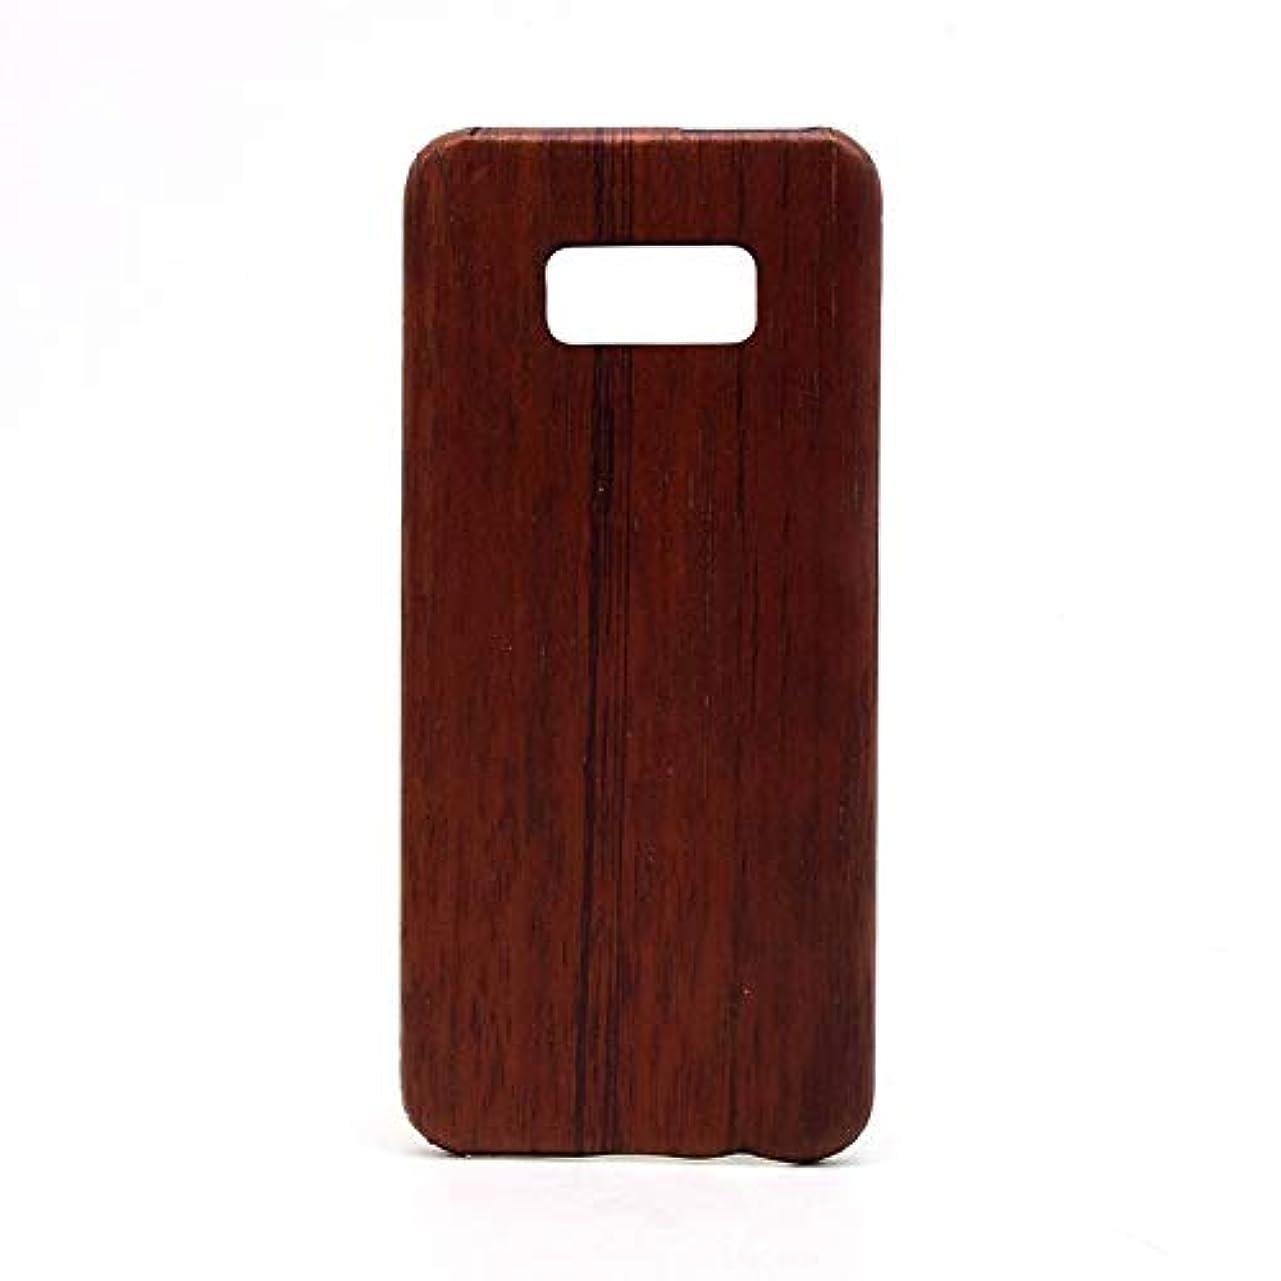 罪酔って道路Jicorzo - Huawei社のP10プラス小米科技MIX 2電話薄いCoque場合のサムスンS8プラスナチュラルウッドカバーのための 木製電話ケース